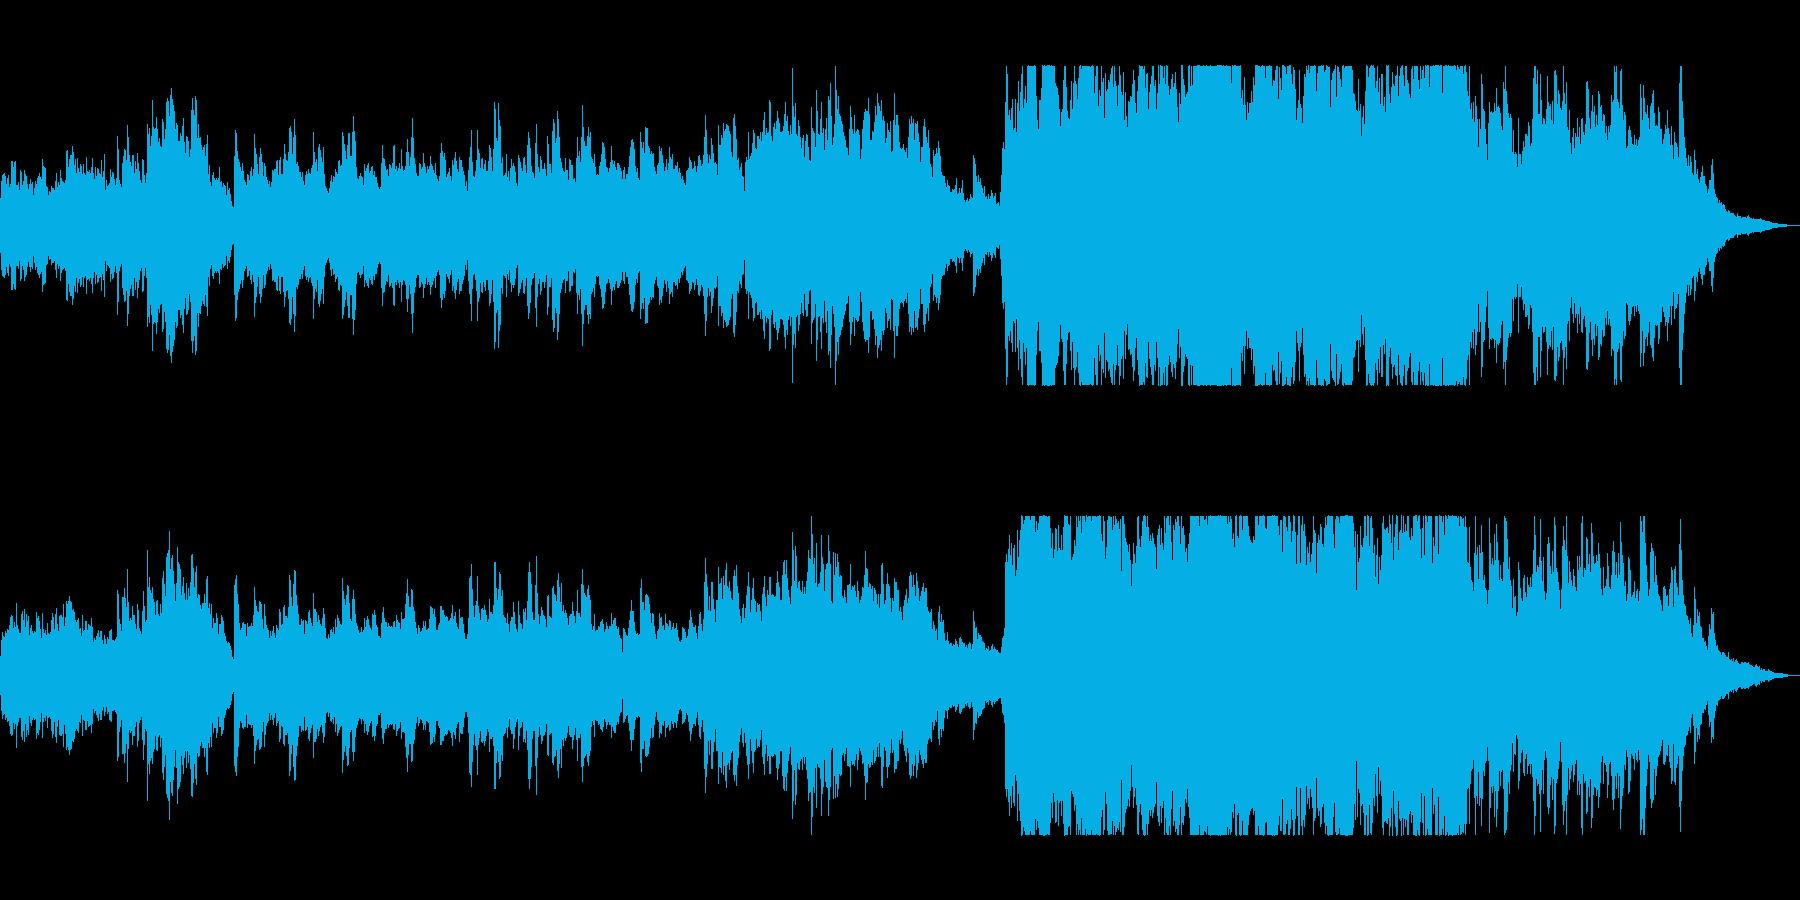 幻想的で美しい癒しのBGMの再生済みの波形